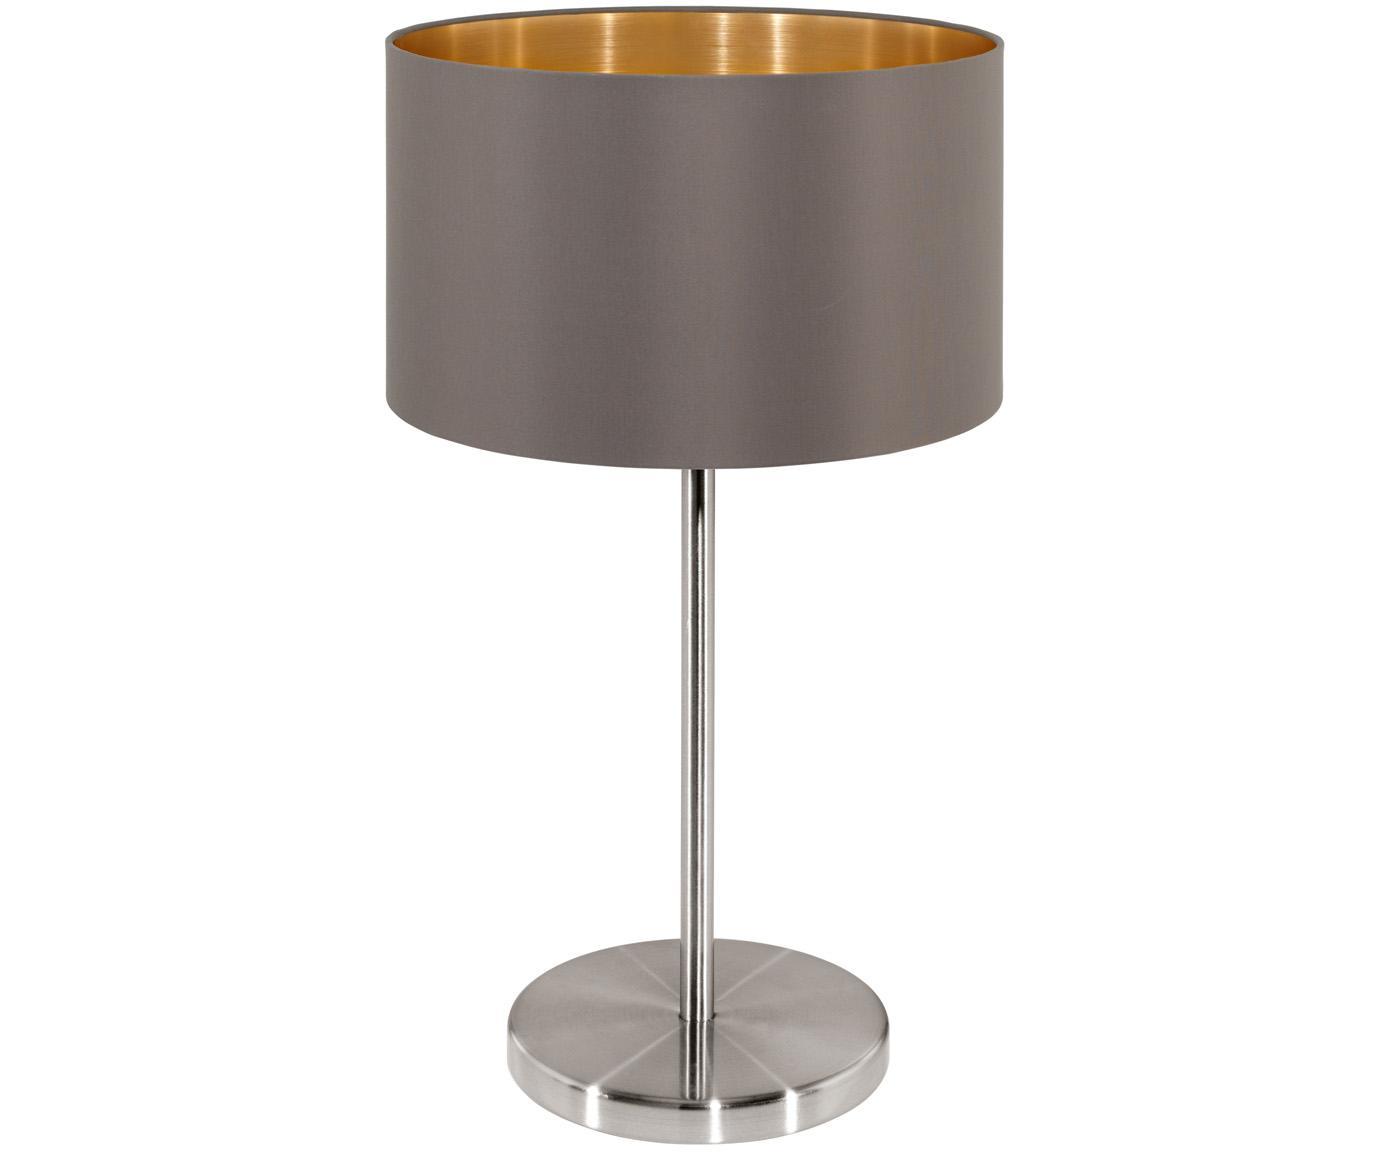 Lampa stołowa Jamie, Szary-beżowy,odcienie srebrnego, ∅ 23 x W 42 cm